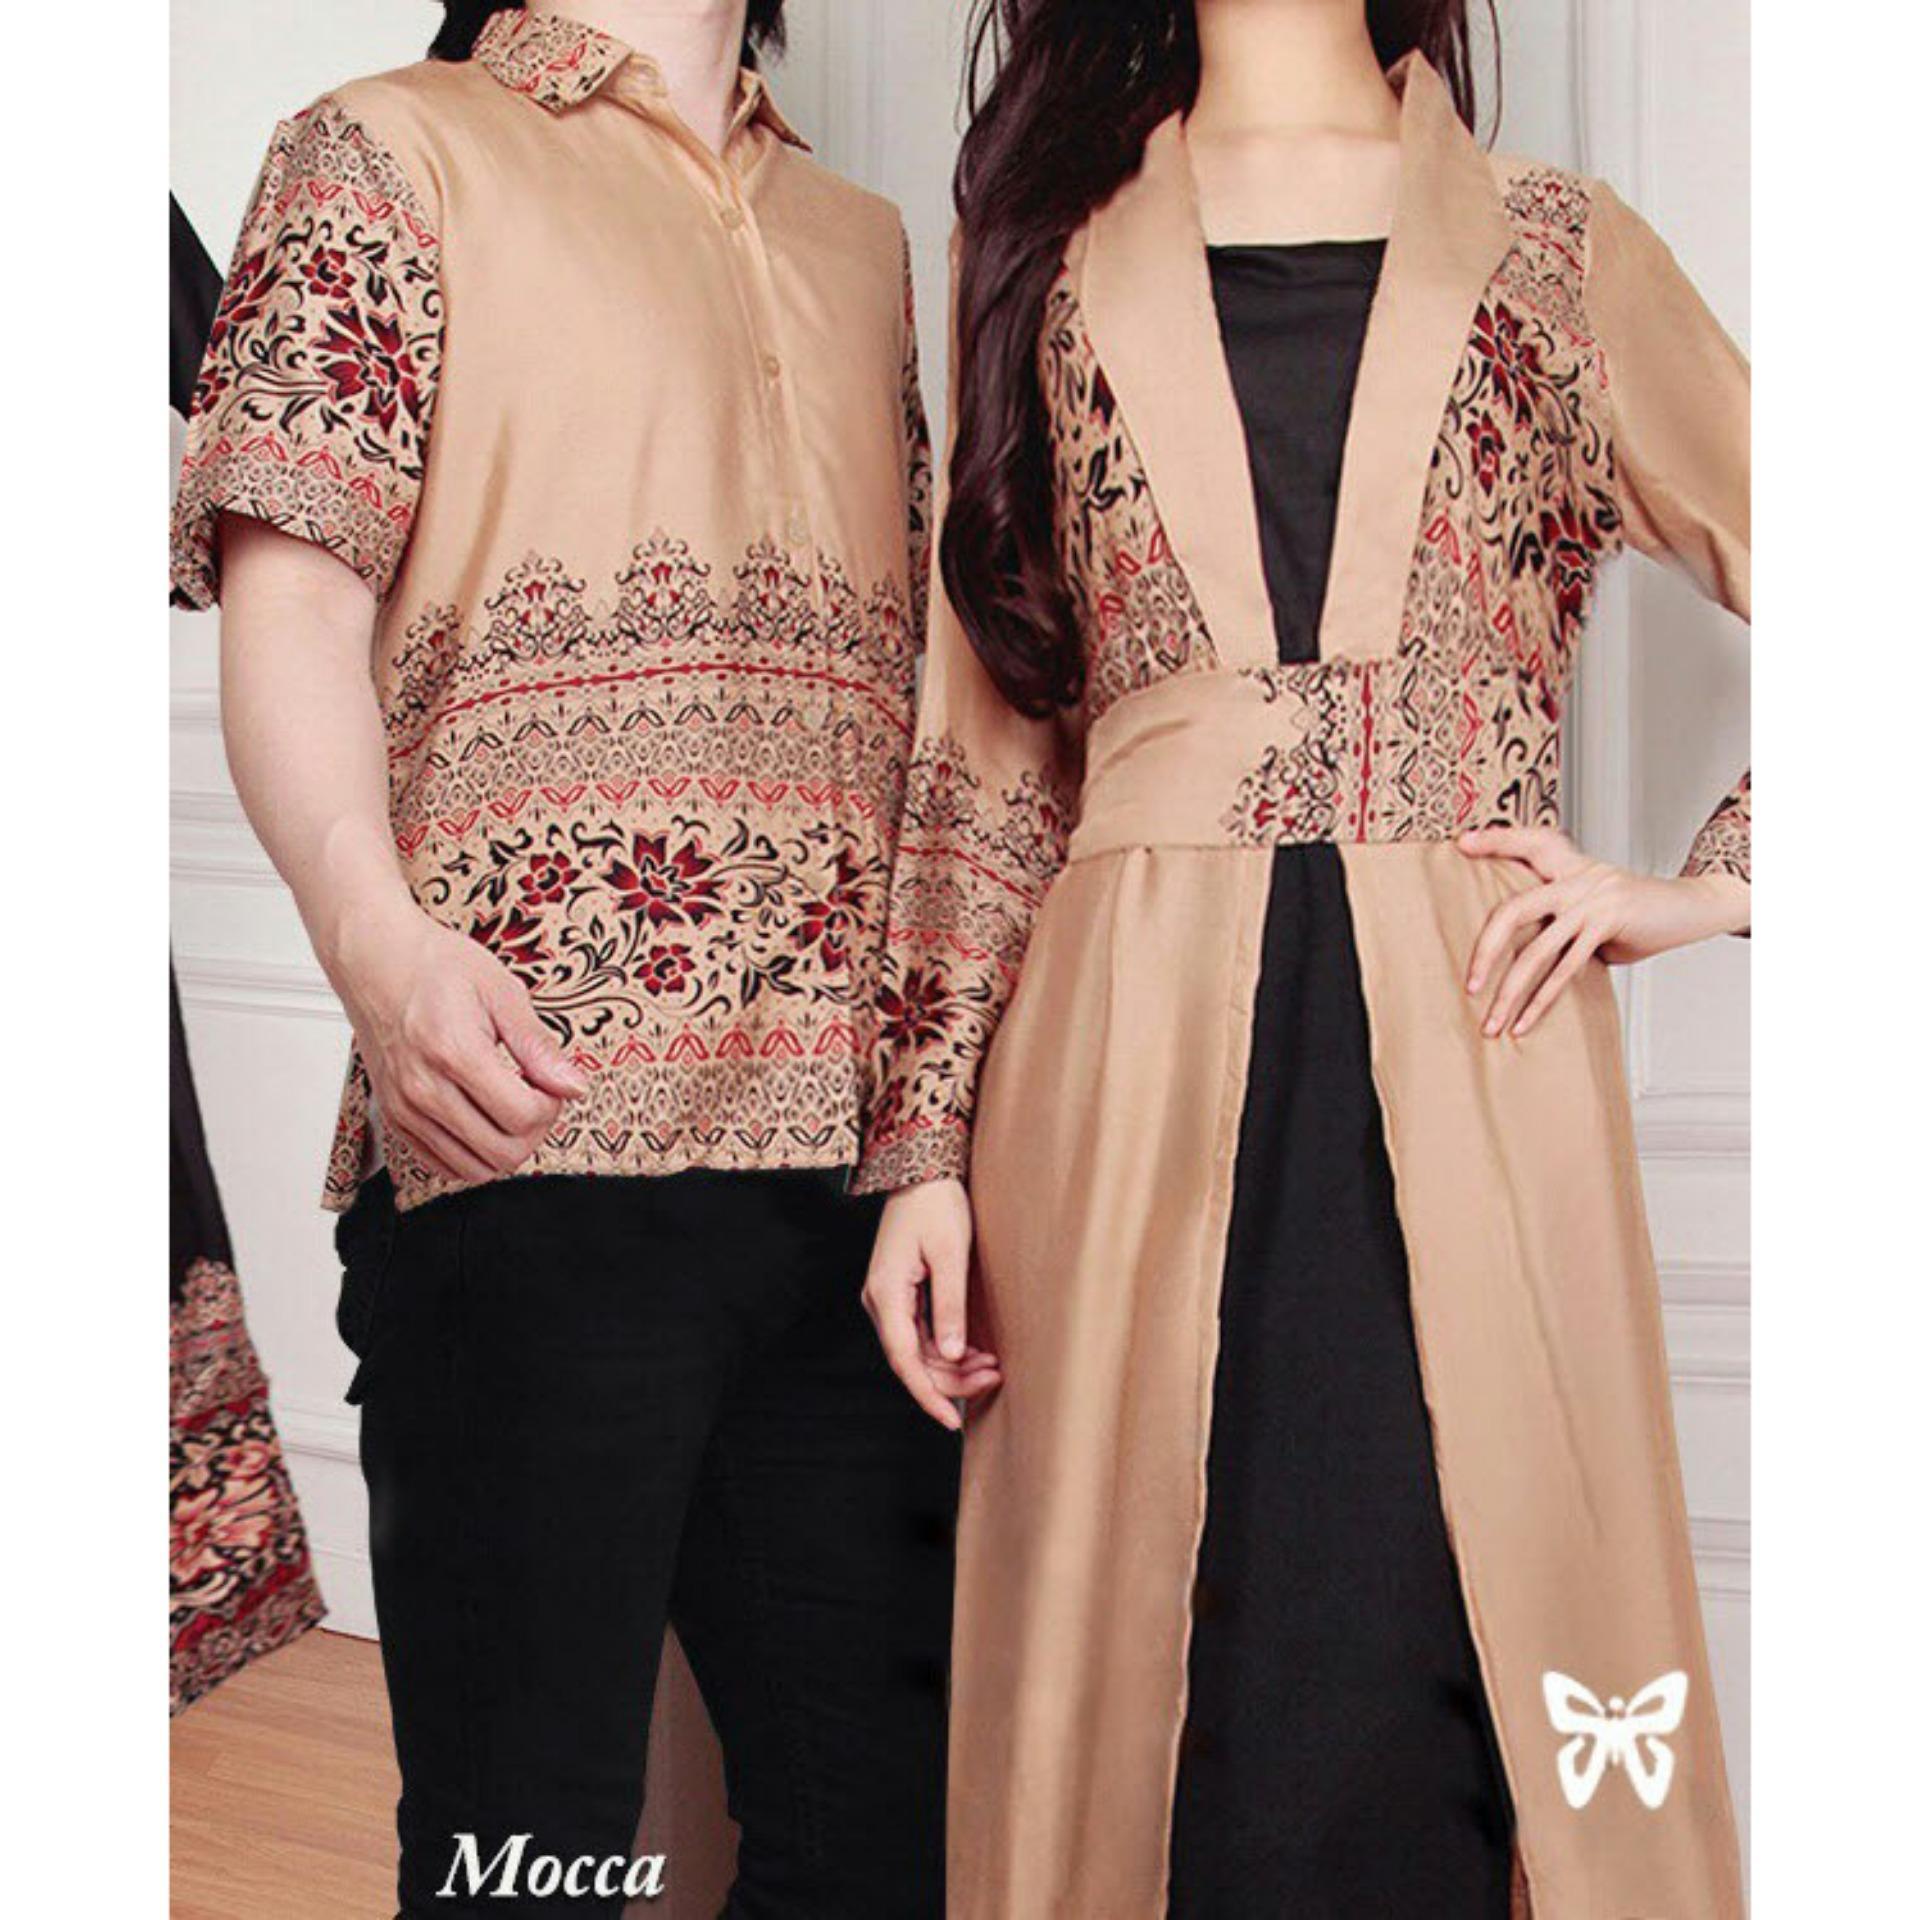 ... Kemeja Pria Gaun Muslimah Gamis Wanita . Source · Jual Beli Flavia Store Batik Couple Fs0080 Coklat Mocca Baju Baru Ladies Fashion Pria Wanita Sepasang